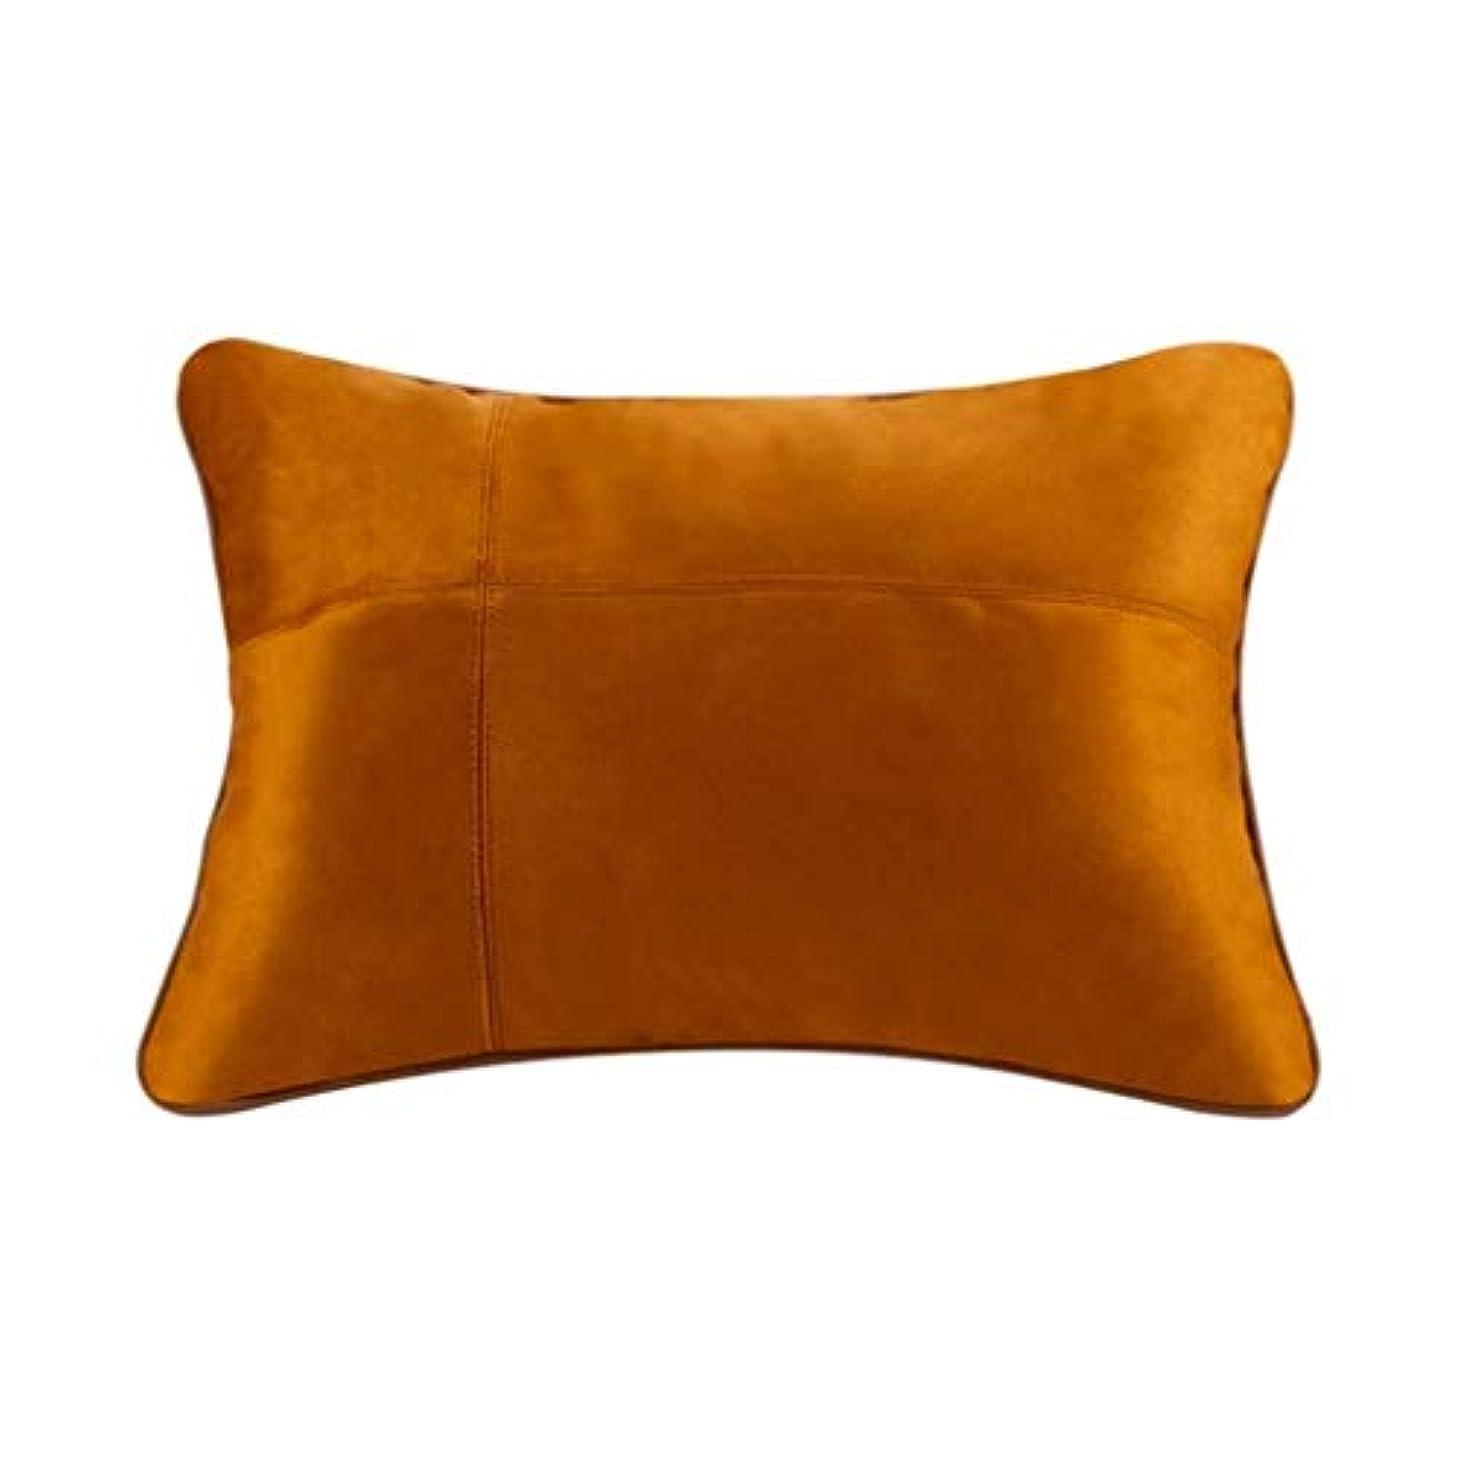 テナント子供っぽいできる枕、腰部背部支持パッド、妊娠中の腰椎枕、腰用シートクッション、姿勢ブレース、腰痛を和らげる、低反発腰椎背もたれ枕、オフィスカーチェア、車の室内装飾 (Color : Brown)